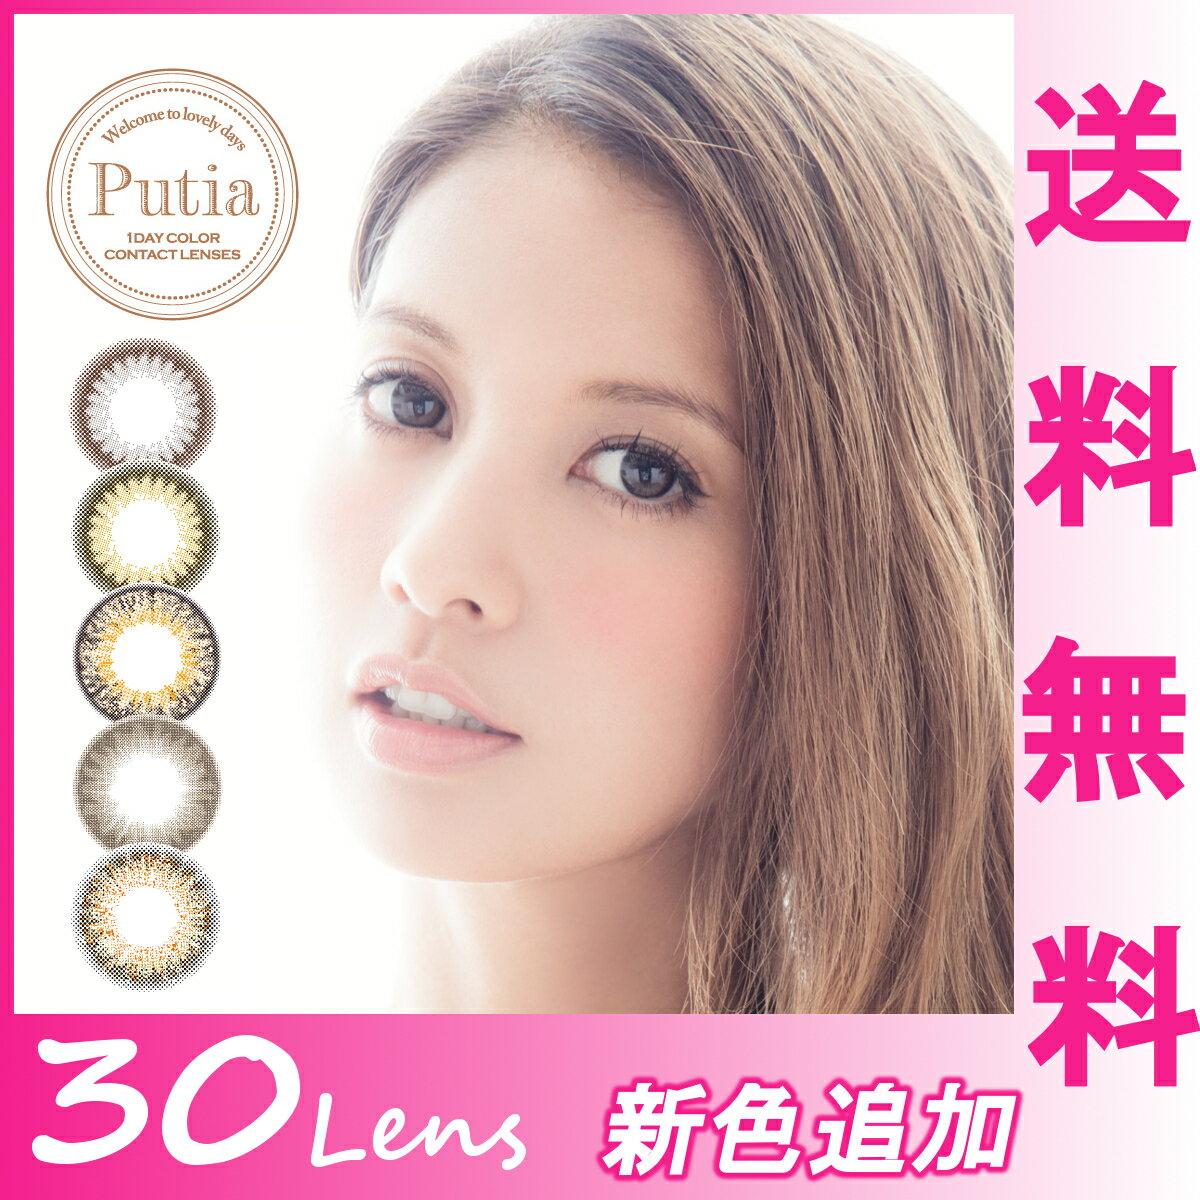 【送料無料】 Putia(プティア)30枚 吉川ひなのプロデュース1DAY(ワンデー)度ありカラコン【 度あり 1dayカラコン 】